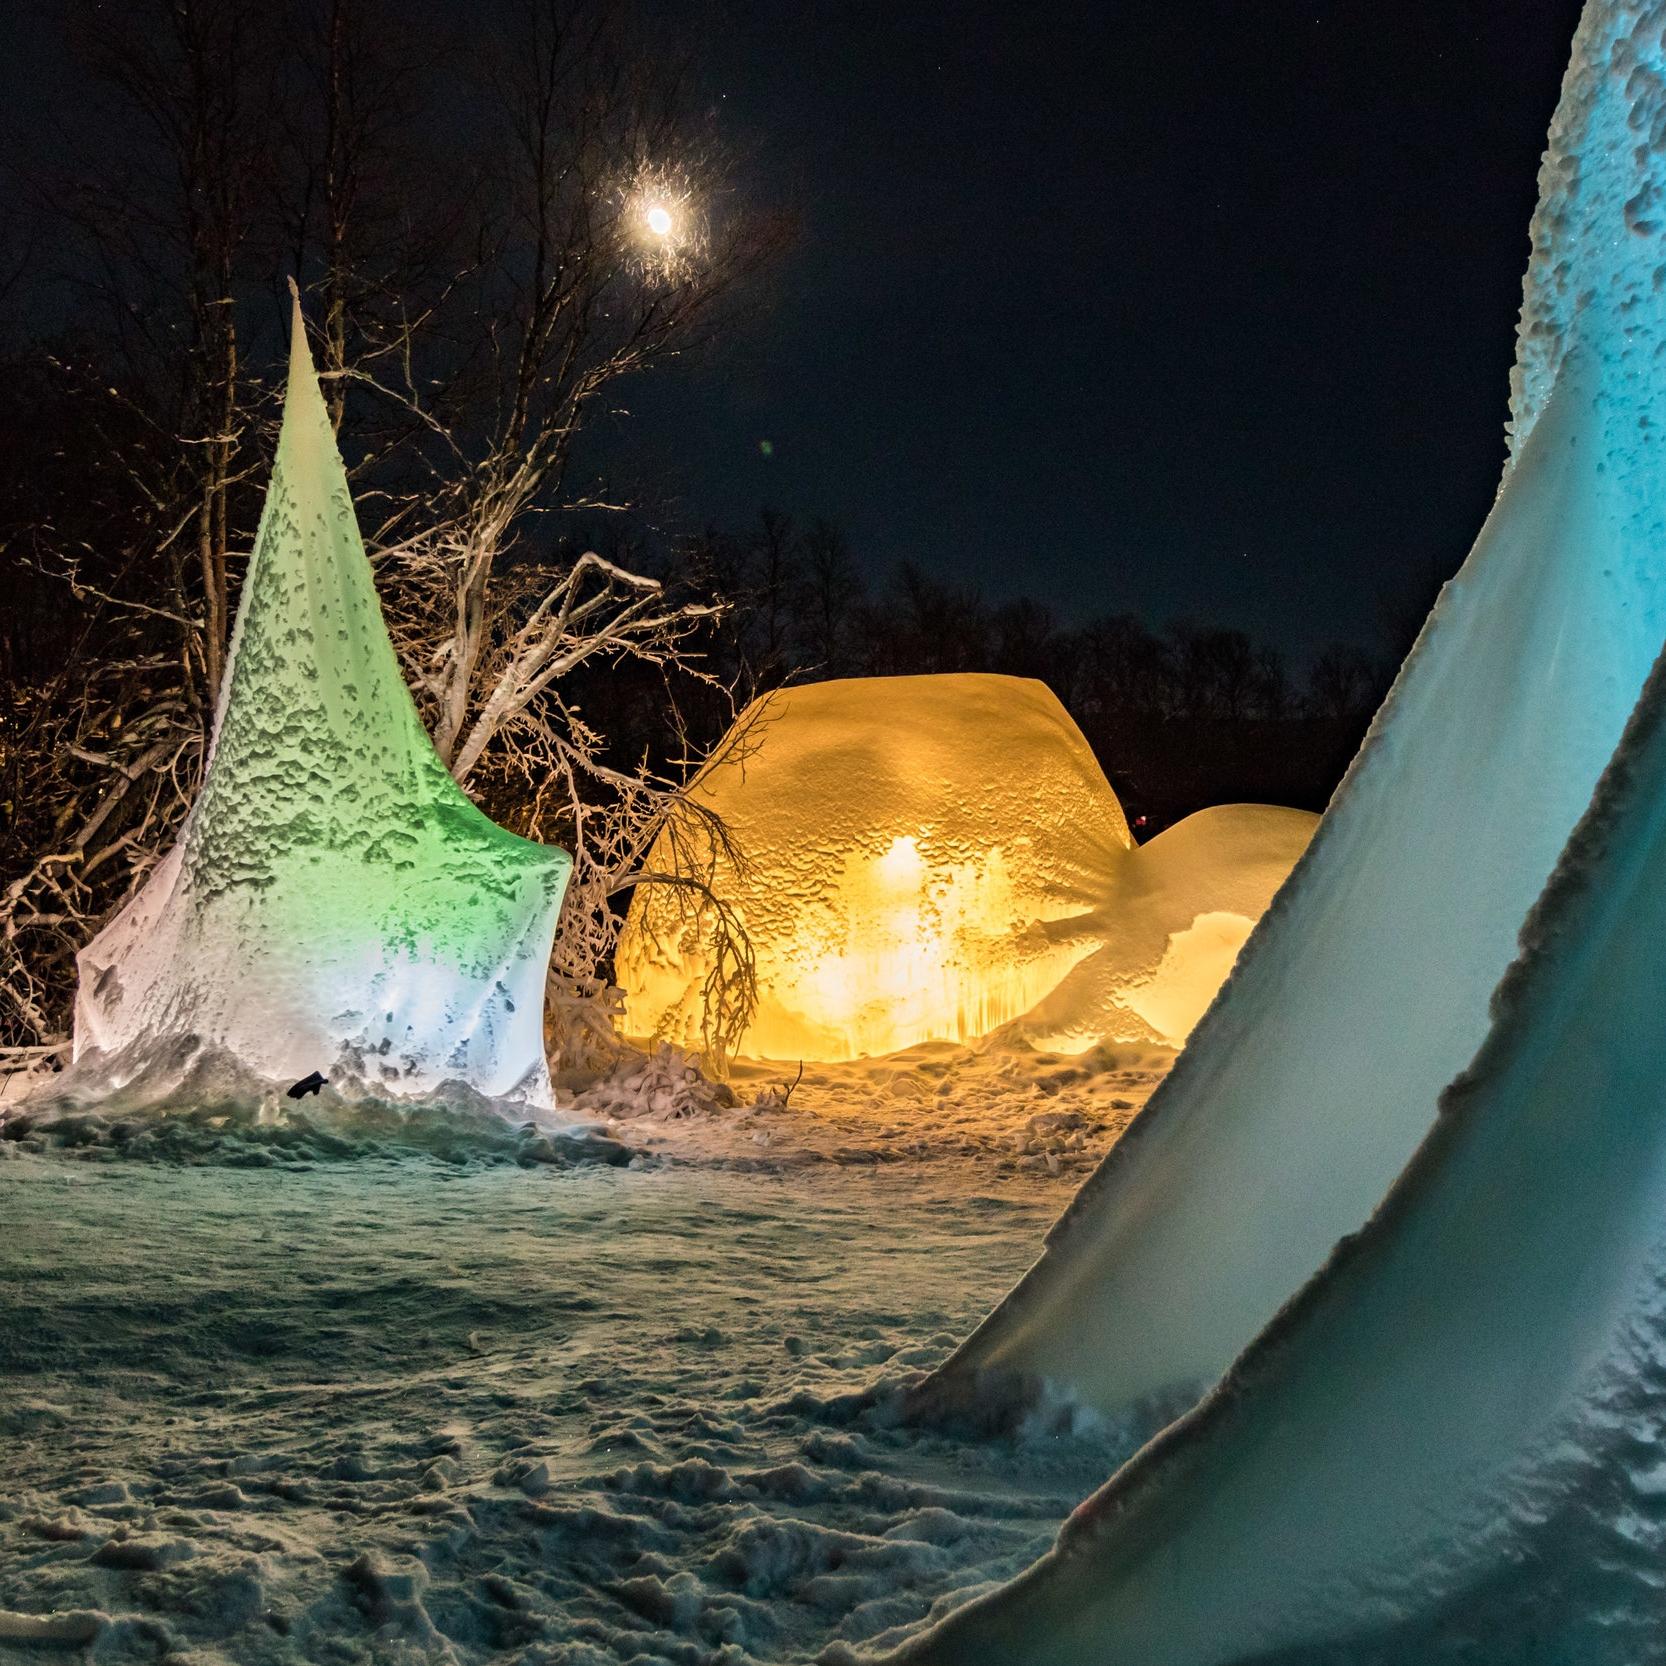 Arkitekt og kunststudenter fra Bergen har de siste årene løst praktiske oppgaver med snøog vann som byggematerialer.